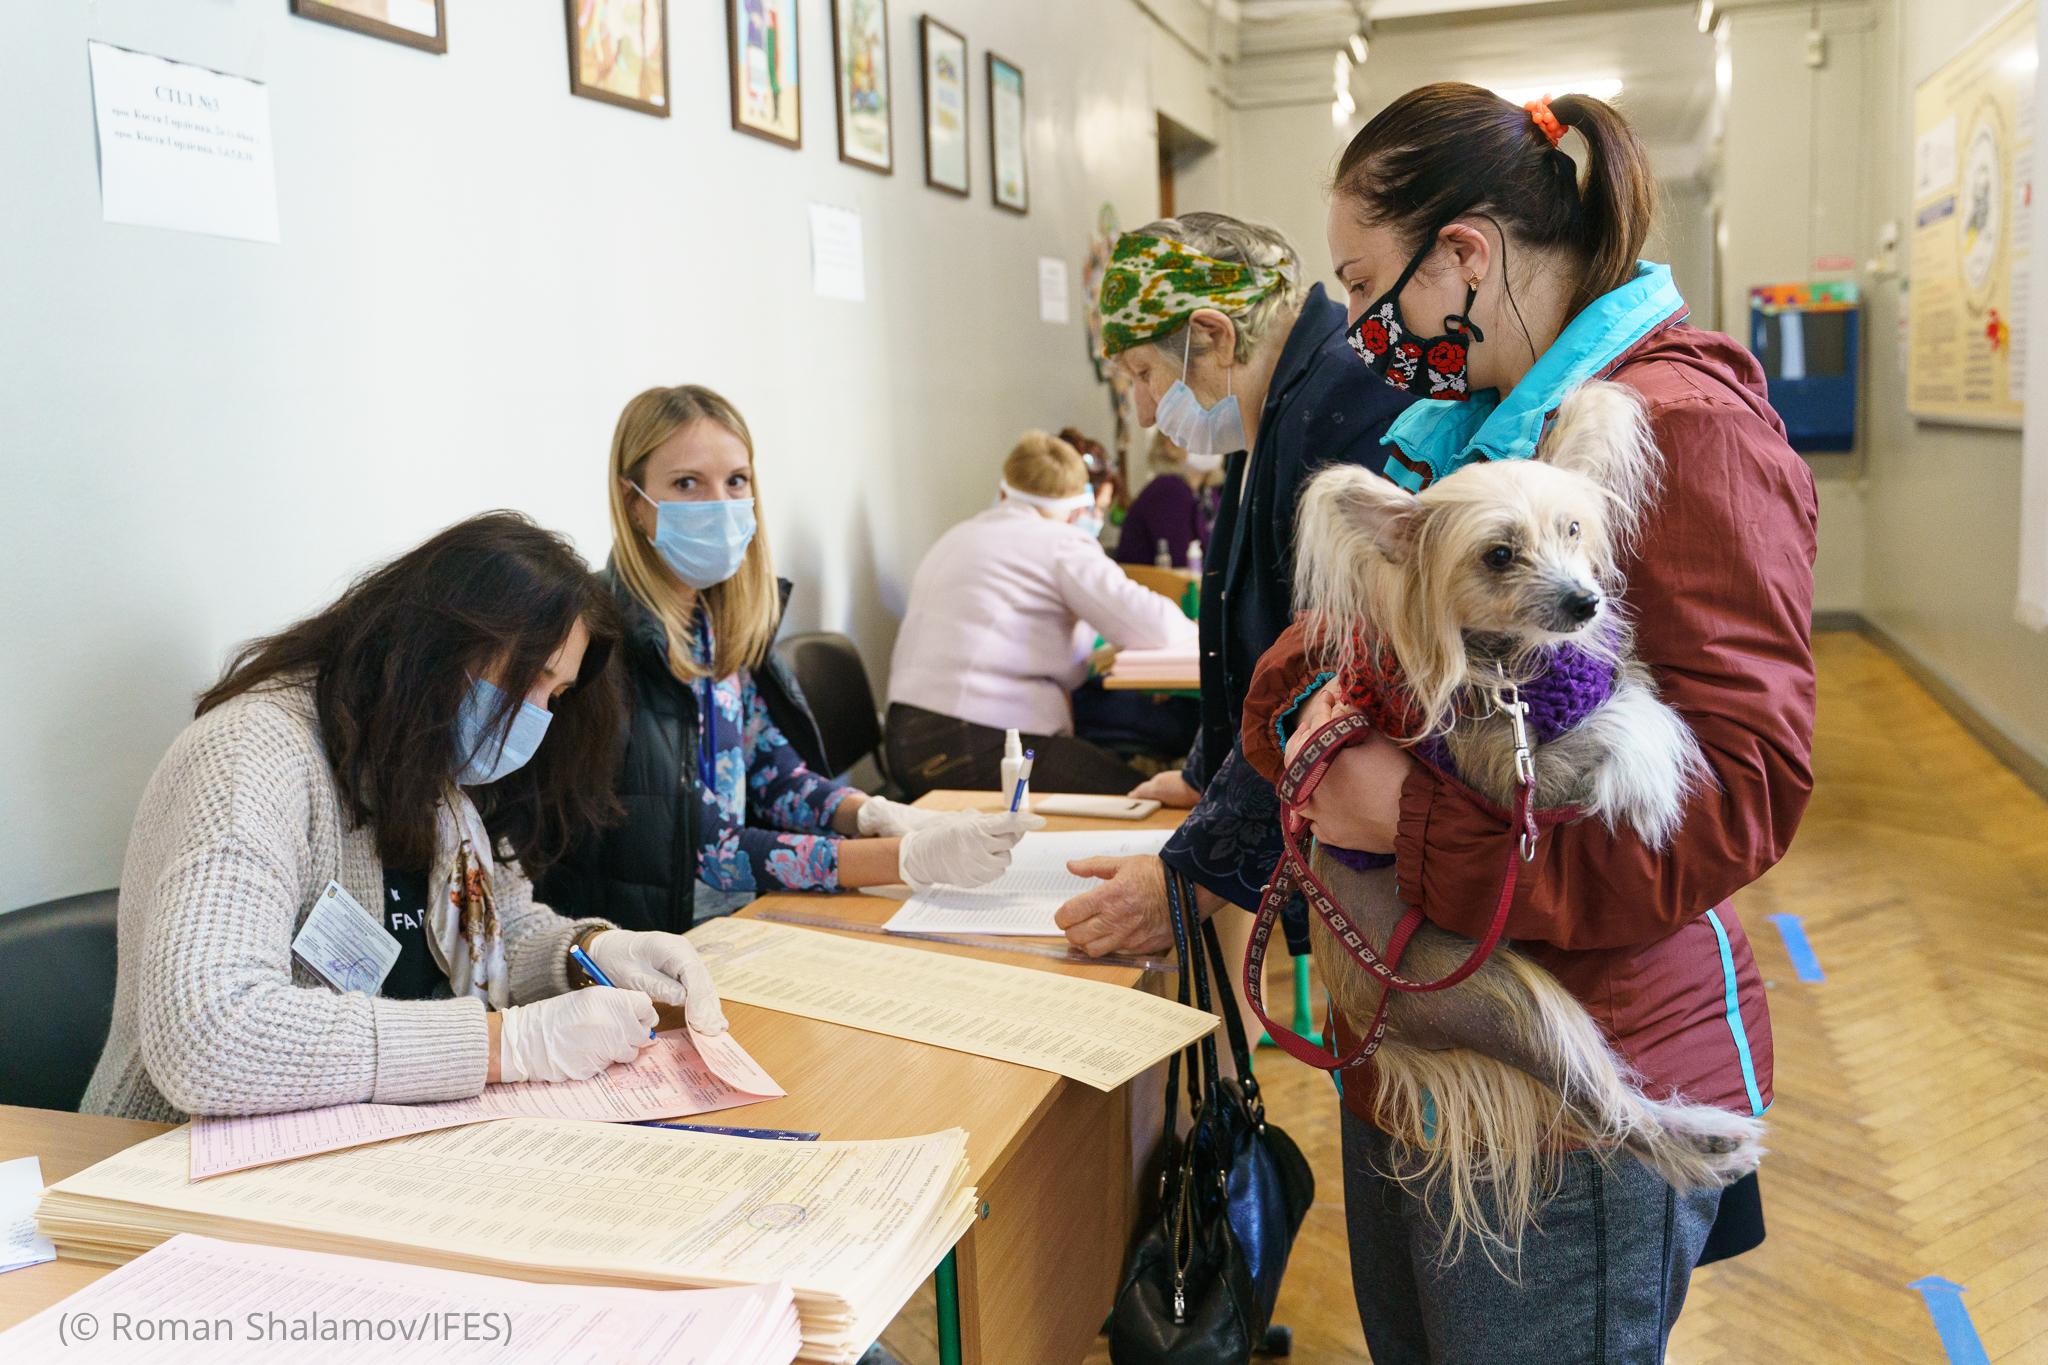 Mujer con mascarilla de pie y sosteniendo un perro frente a una mesa con otras mujeres (© Roman Shalamov/IFES)